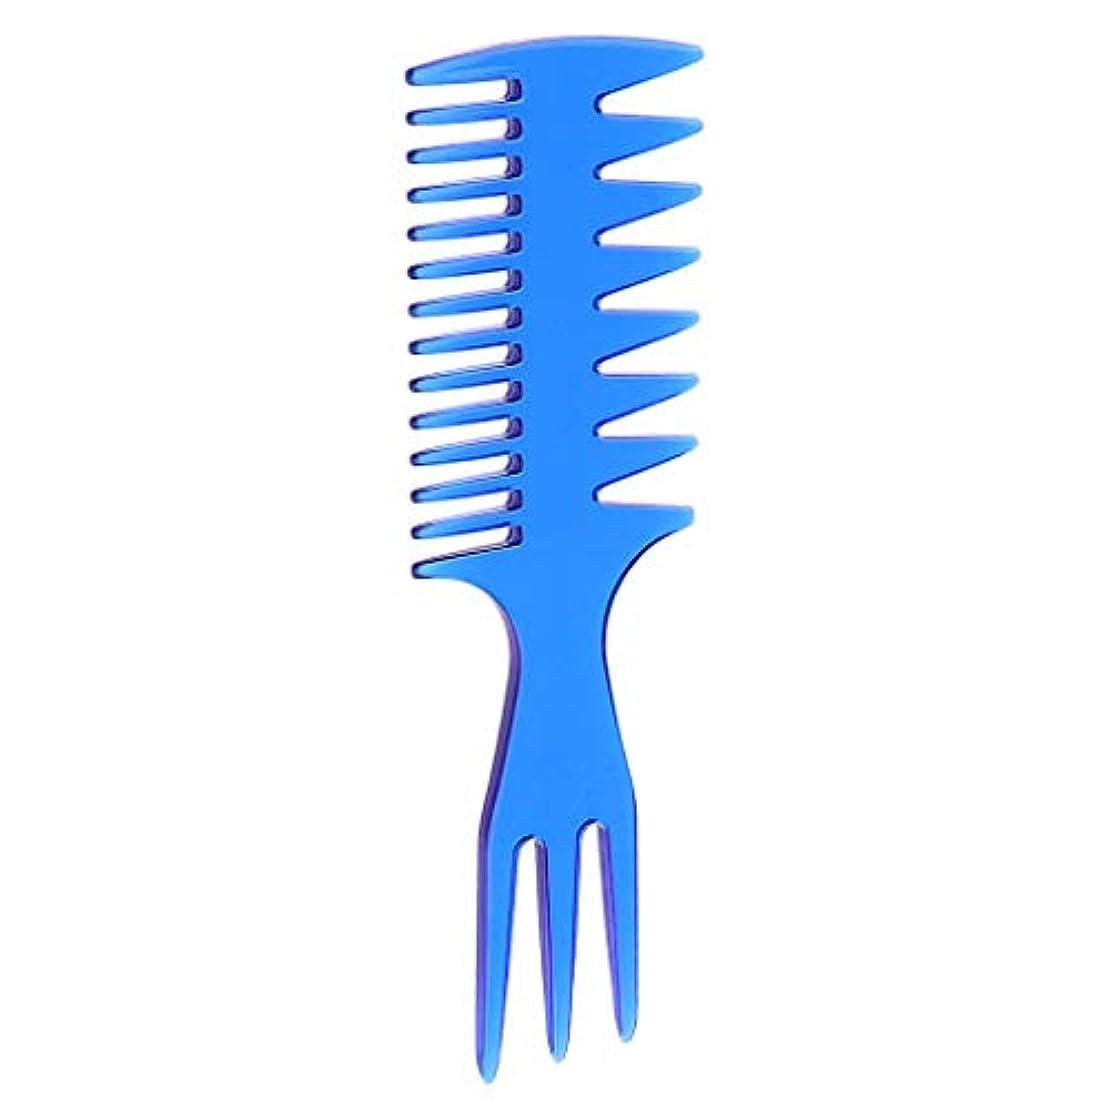 達成可能採用するであるDYNWAVE ヘアダイコーム ヘアブラシ 櫛 ヘアコーム 広い歯コーム 美容サロン 家庭用 用品 3 In 1